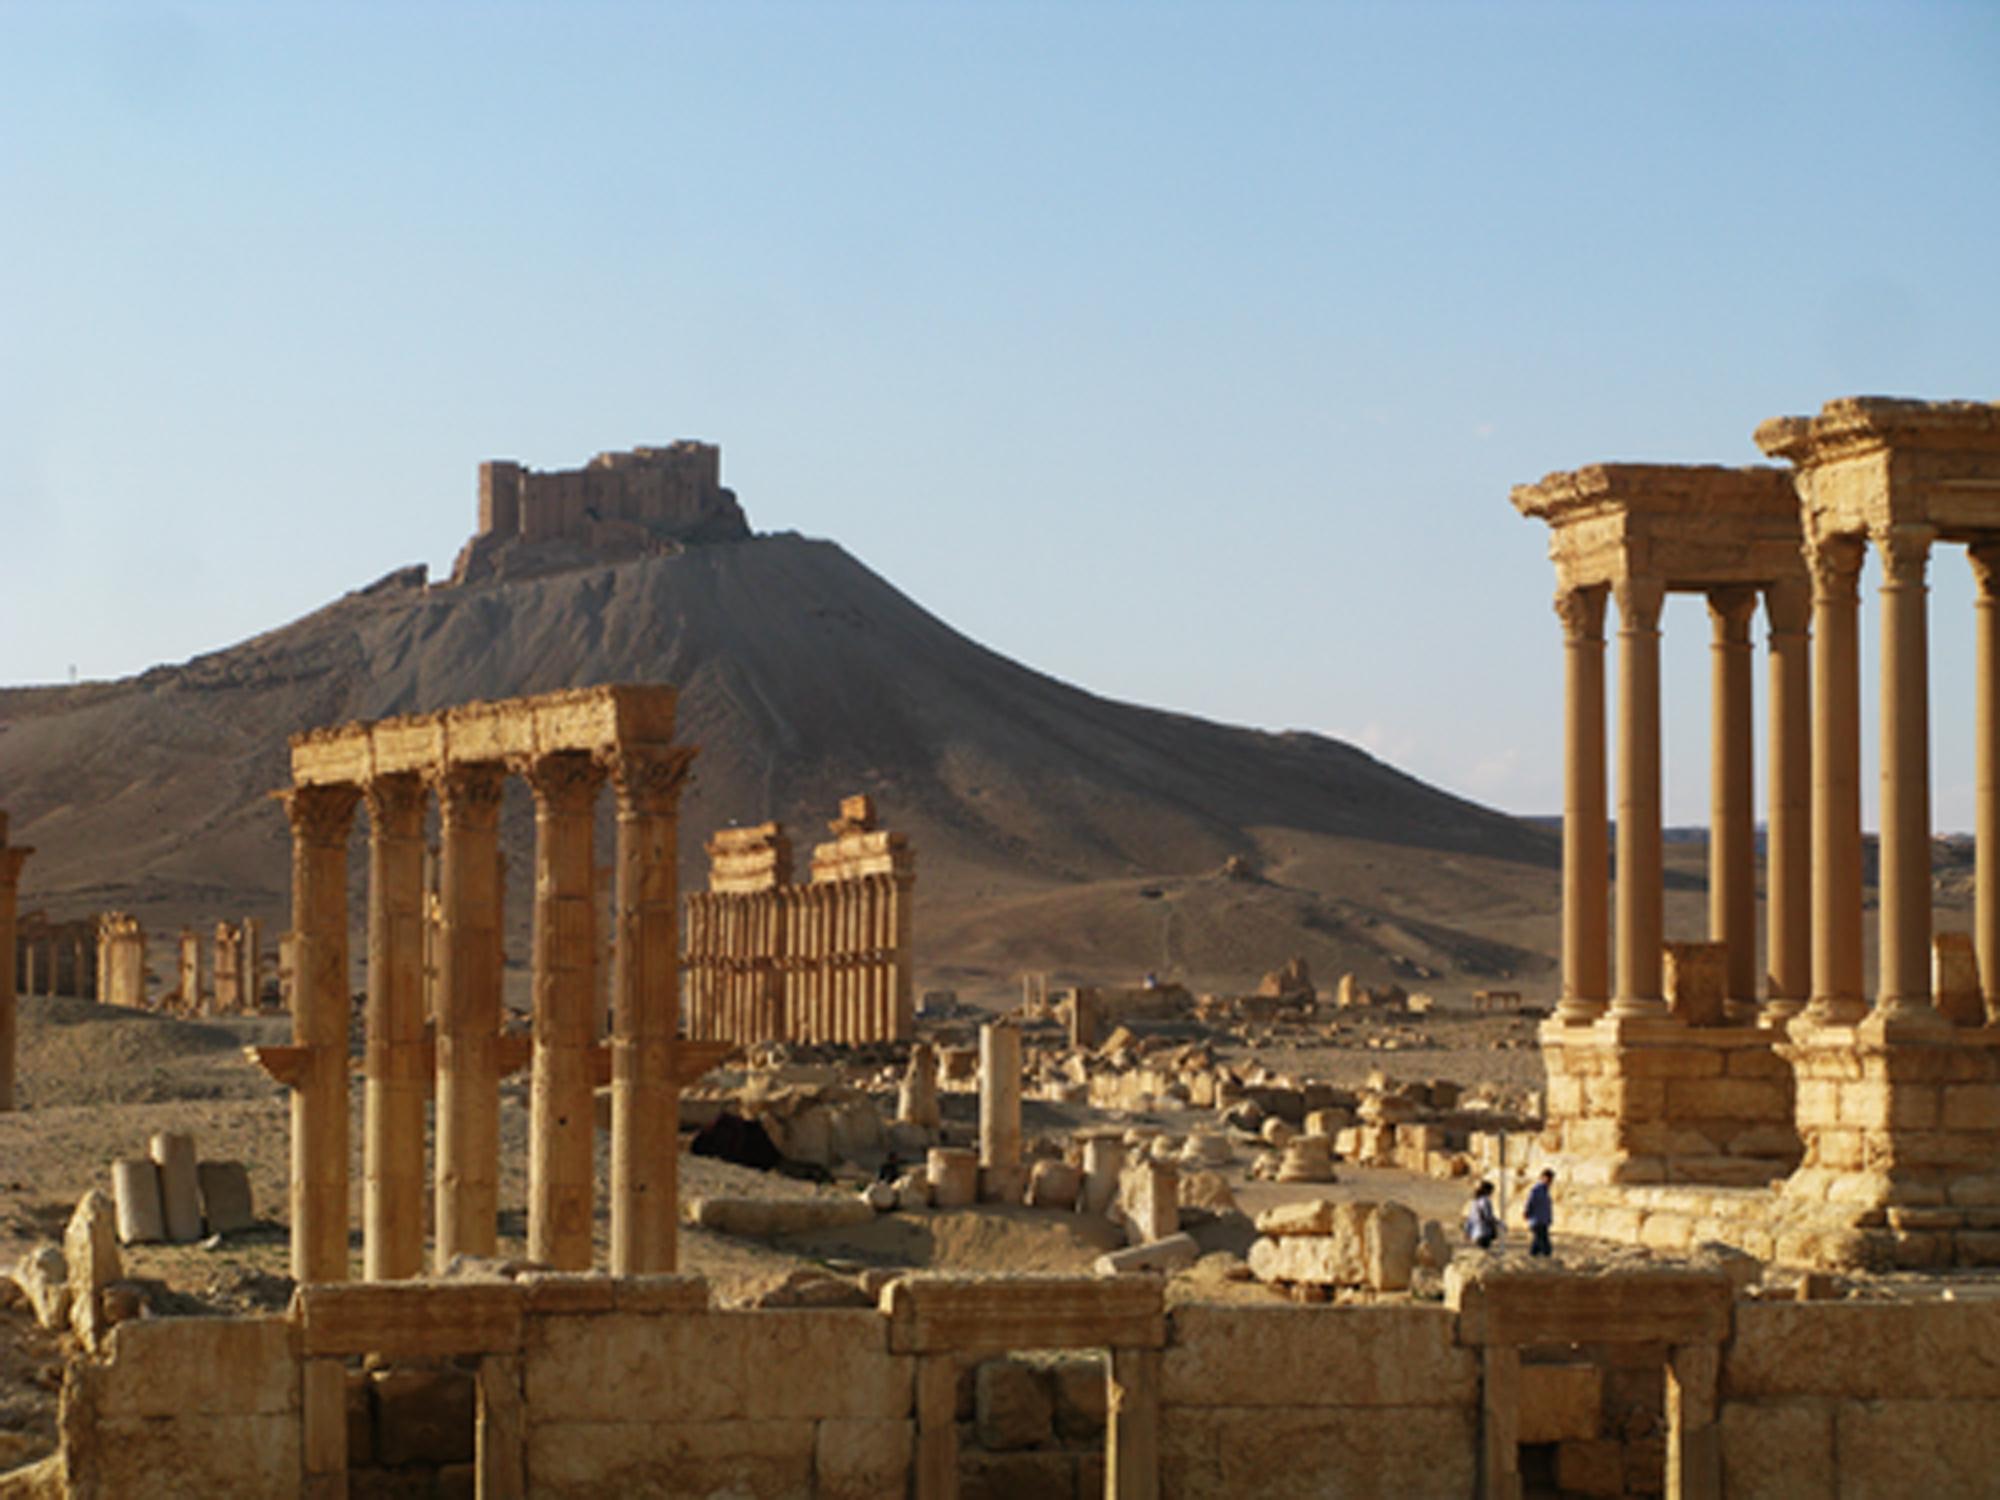 stampa 3d riporta i vinti i monumenti distrutti dall'isis